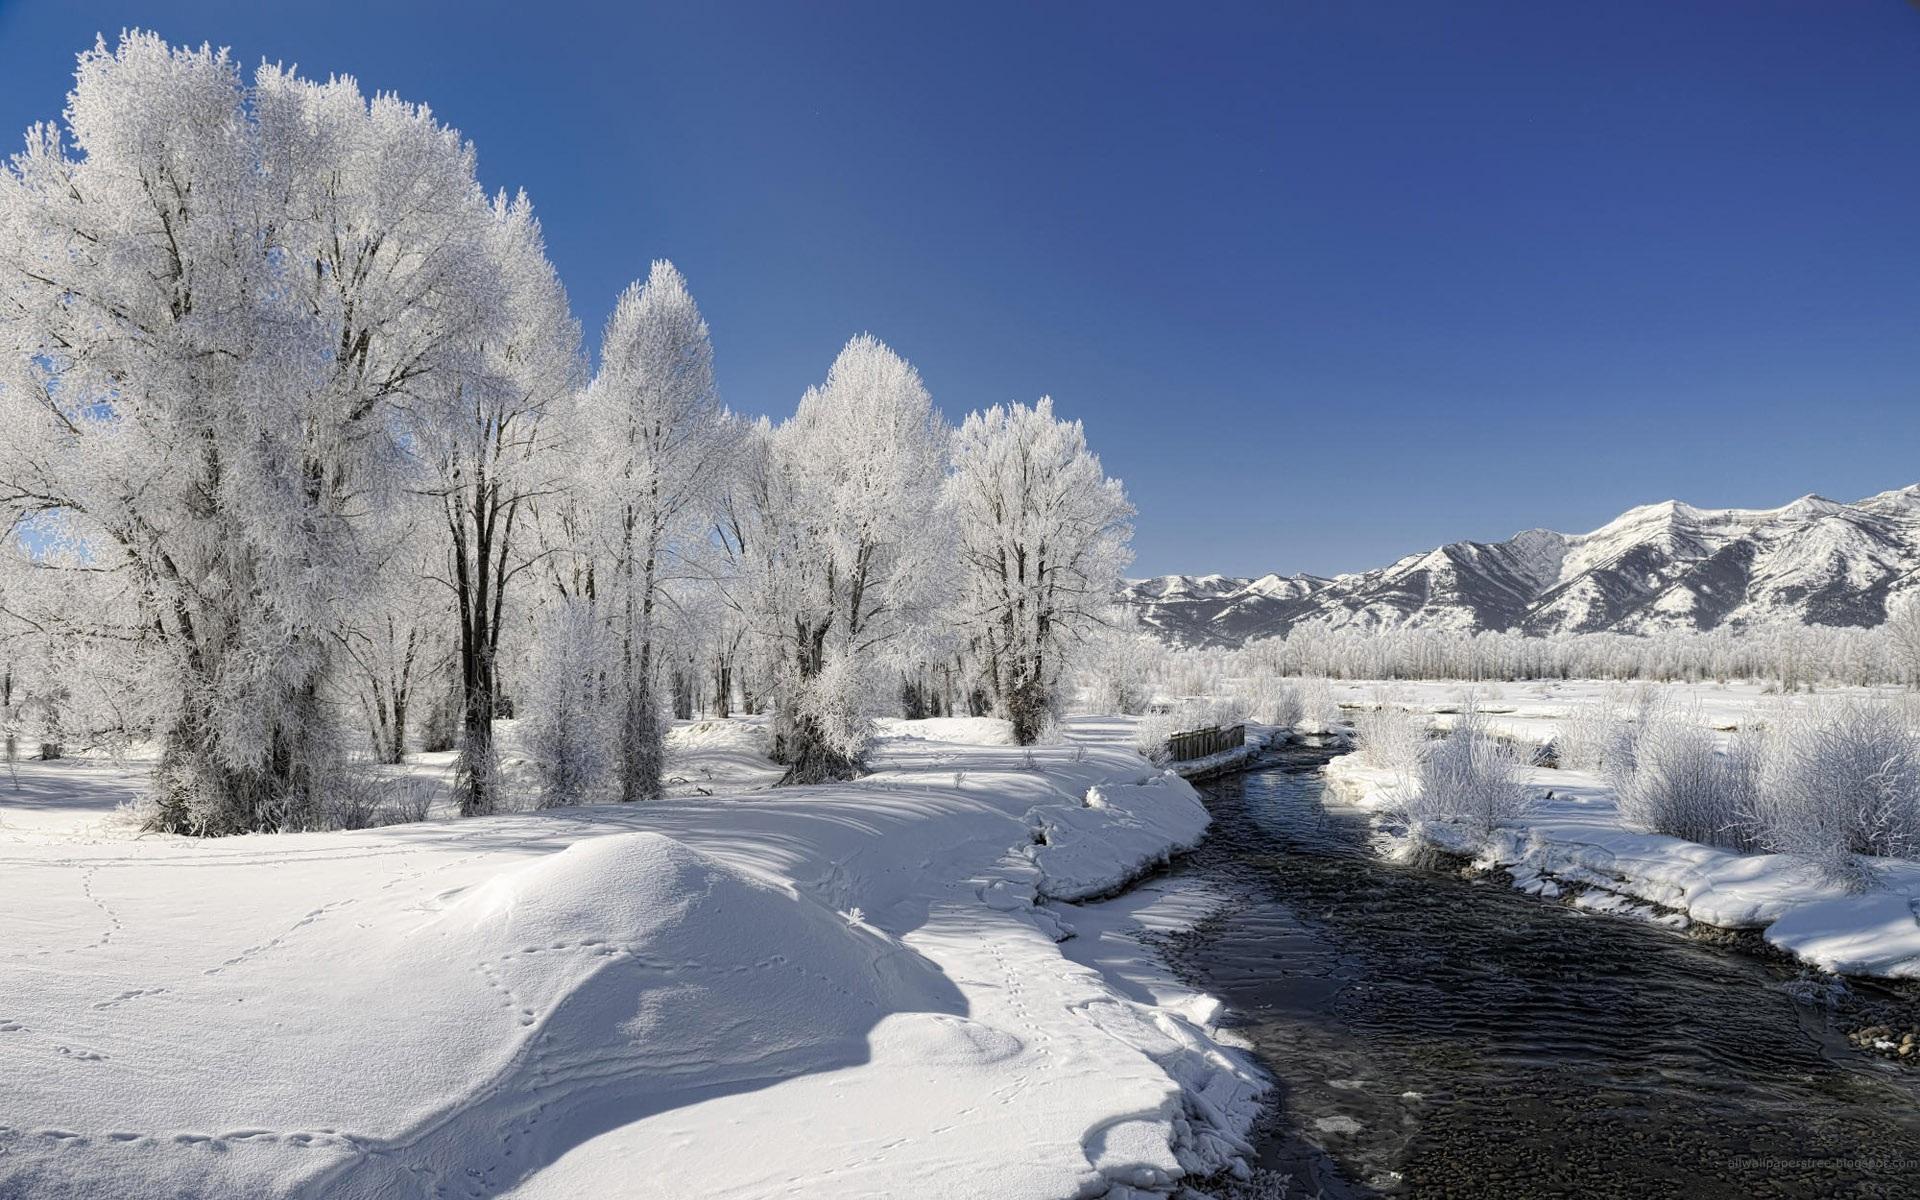 Winter Landscape wallpaper - 787558